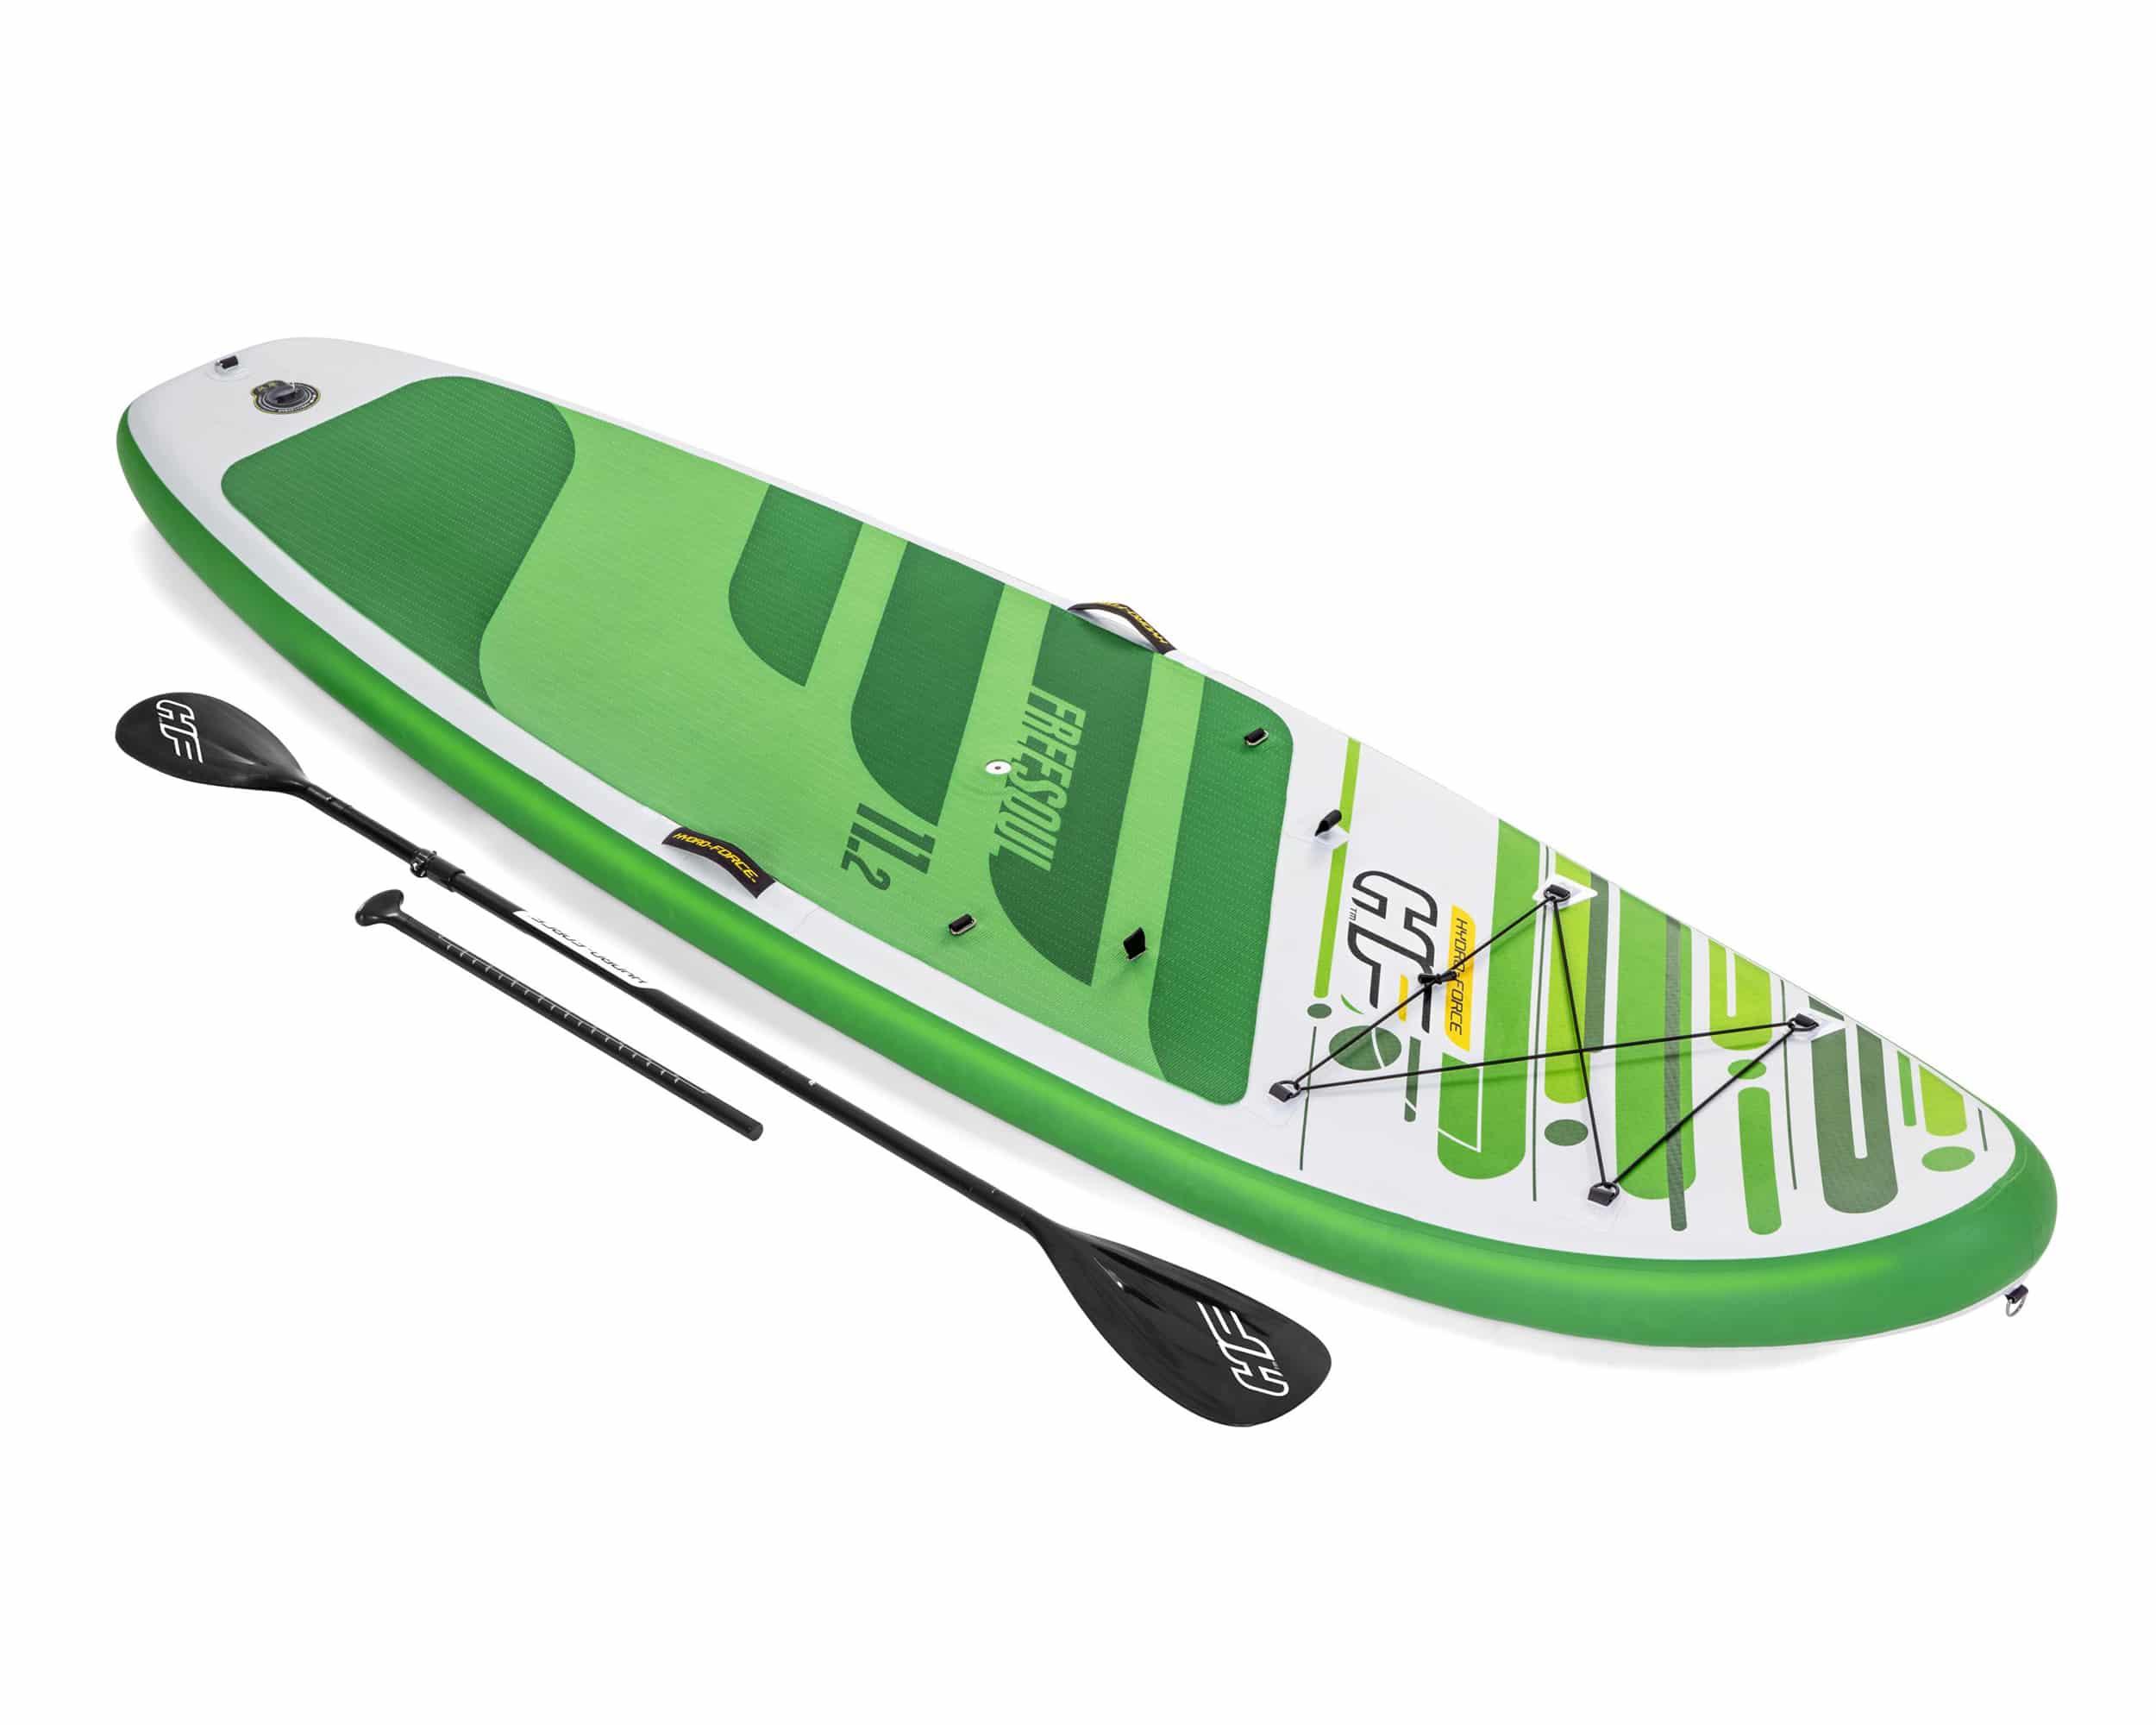 Paddle Board Freesoul Tech Hydro-Force